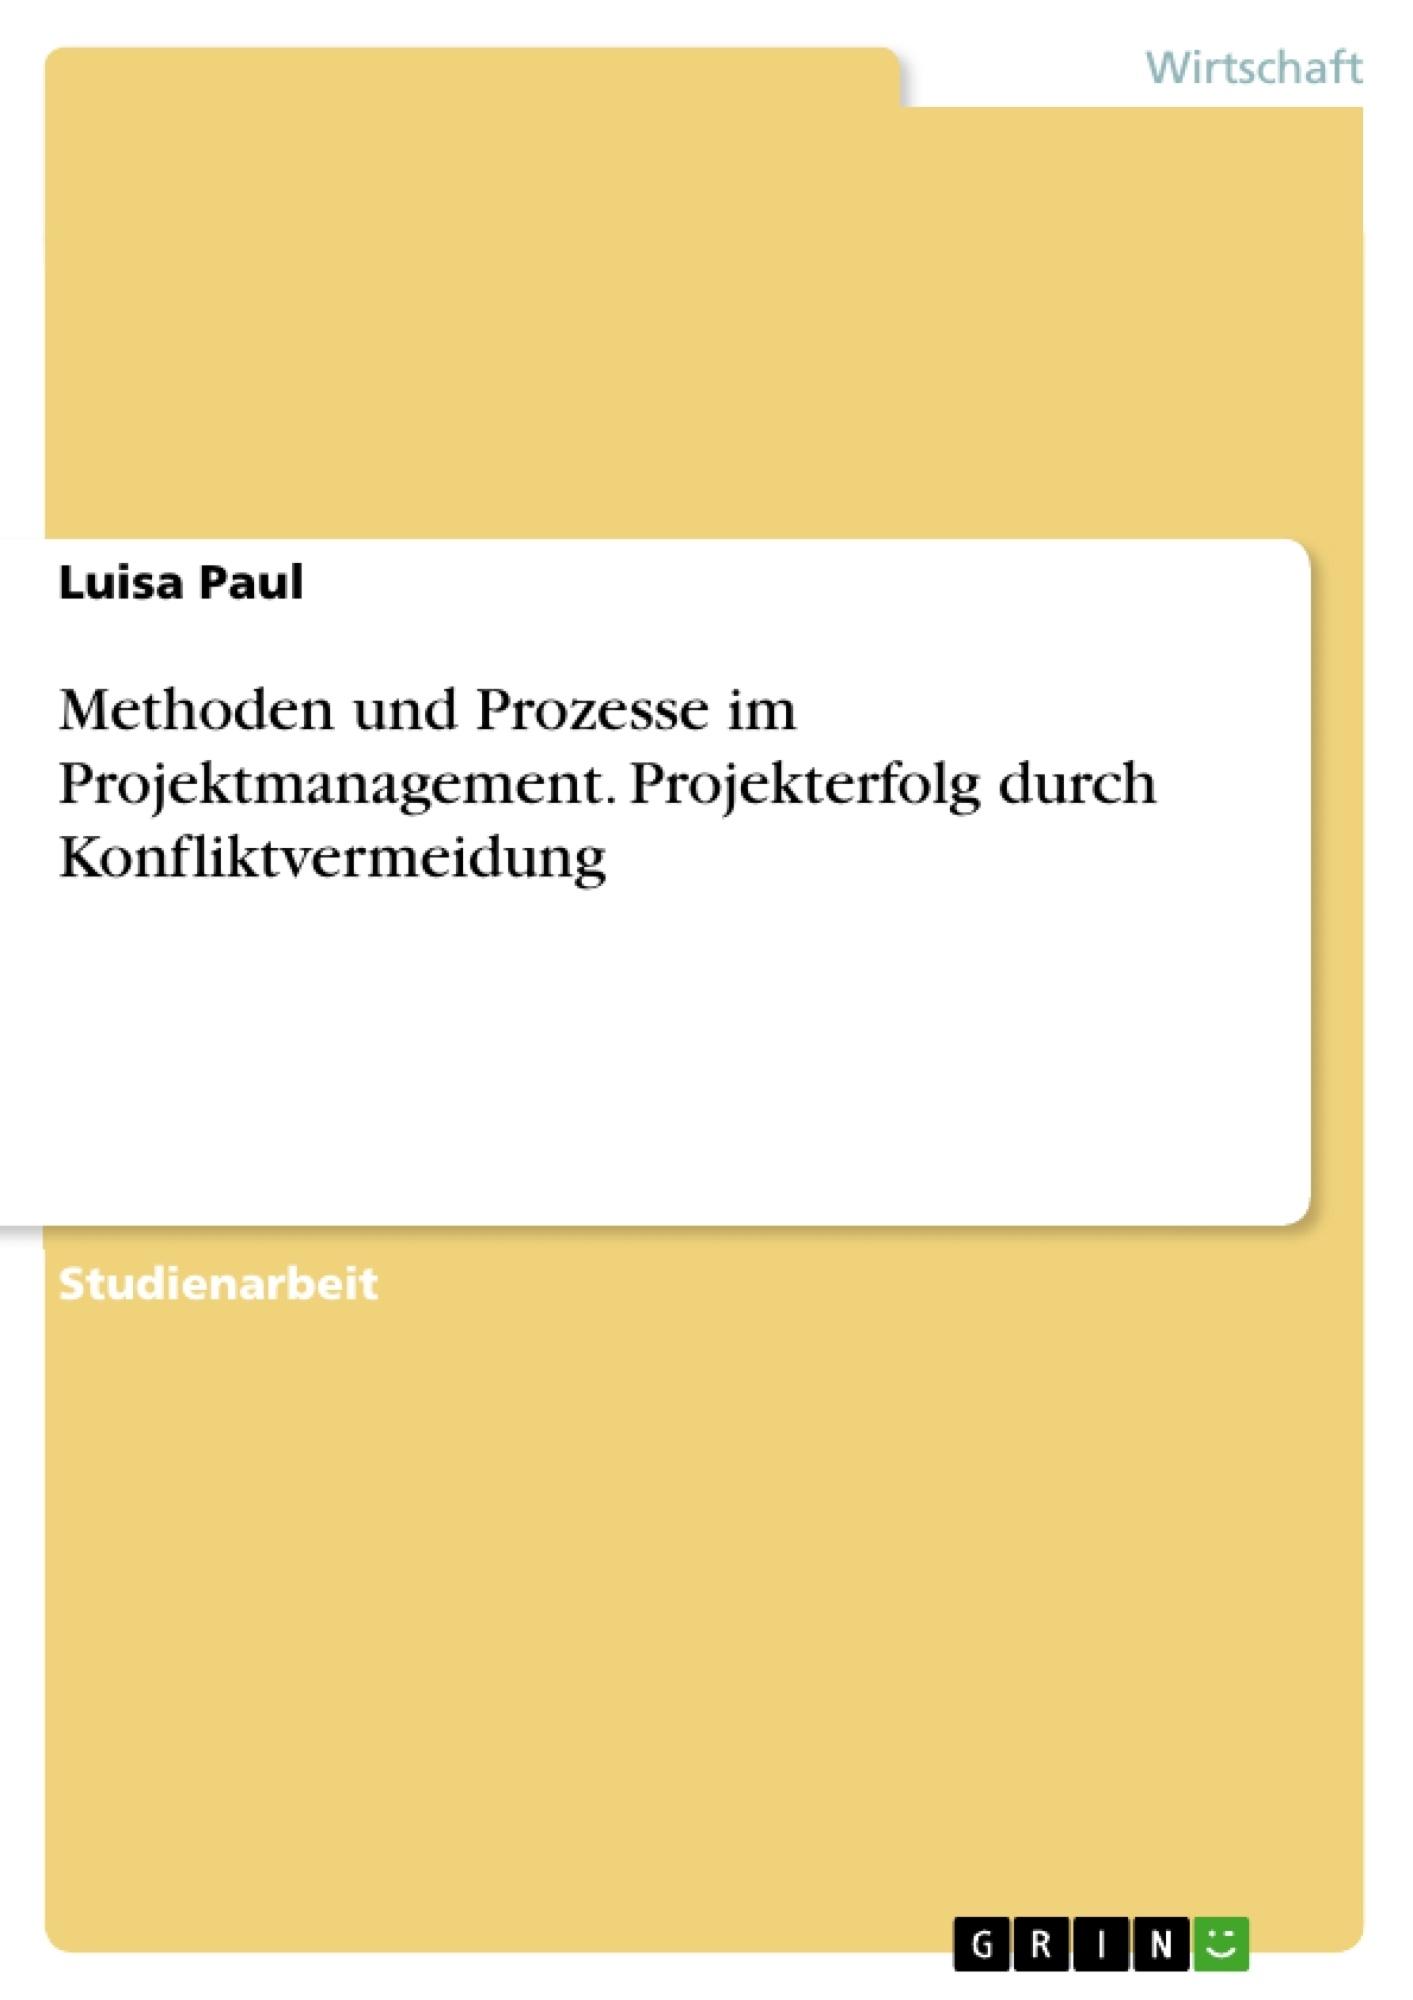 Titel: Methoden und Prozesse im Projektmanagement. Projekterfolg durch Konfliktvermeidung